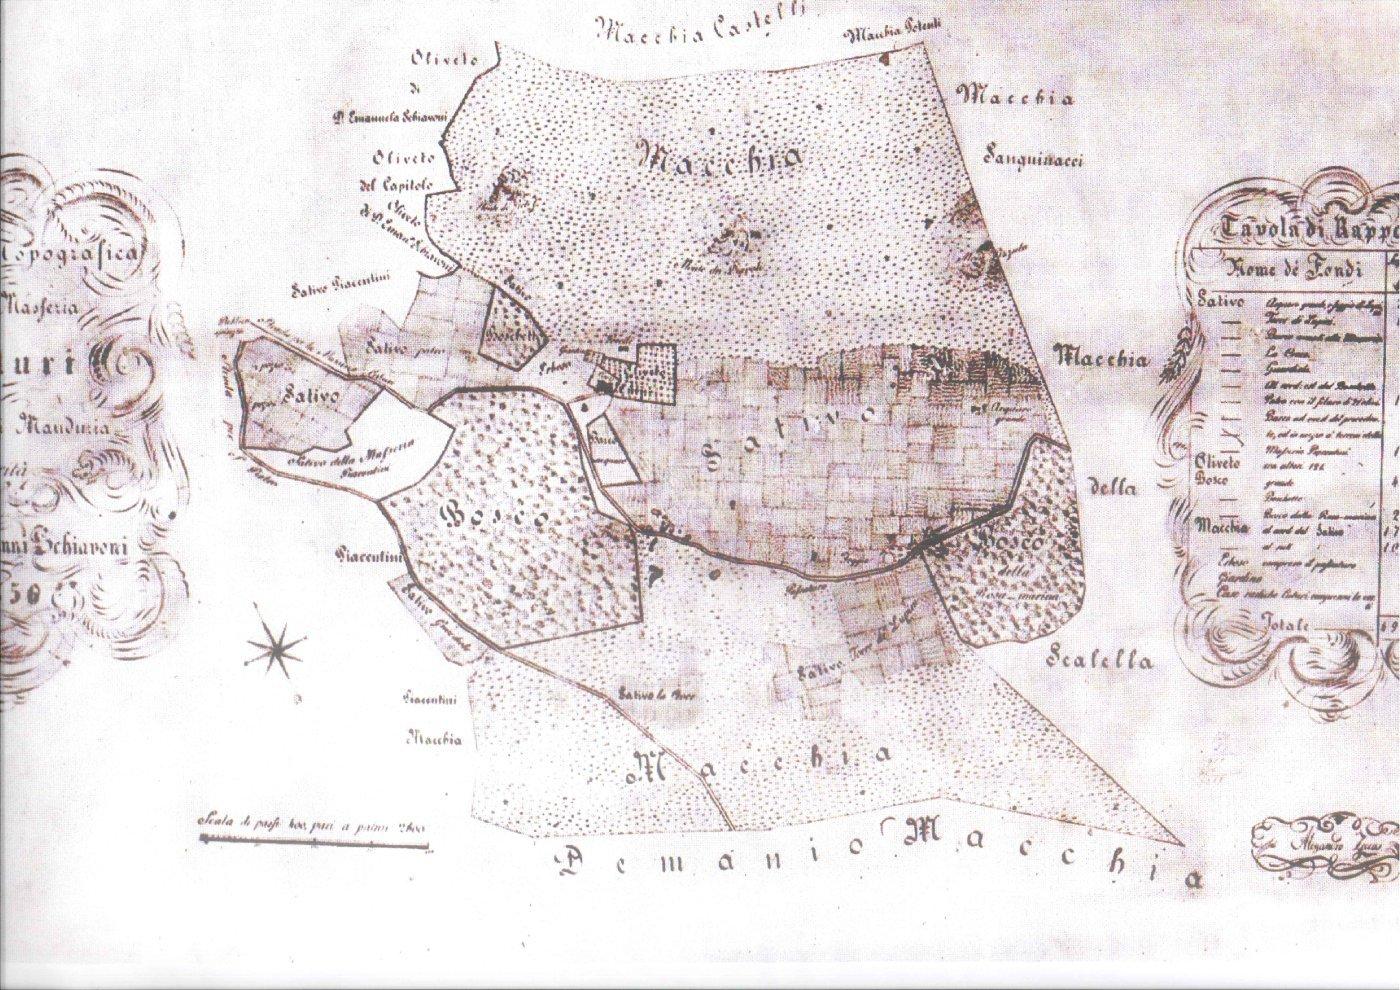 Mappa Antica di Masseria Cuturi